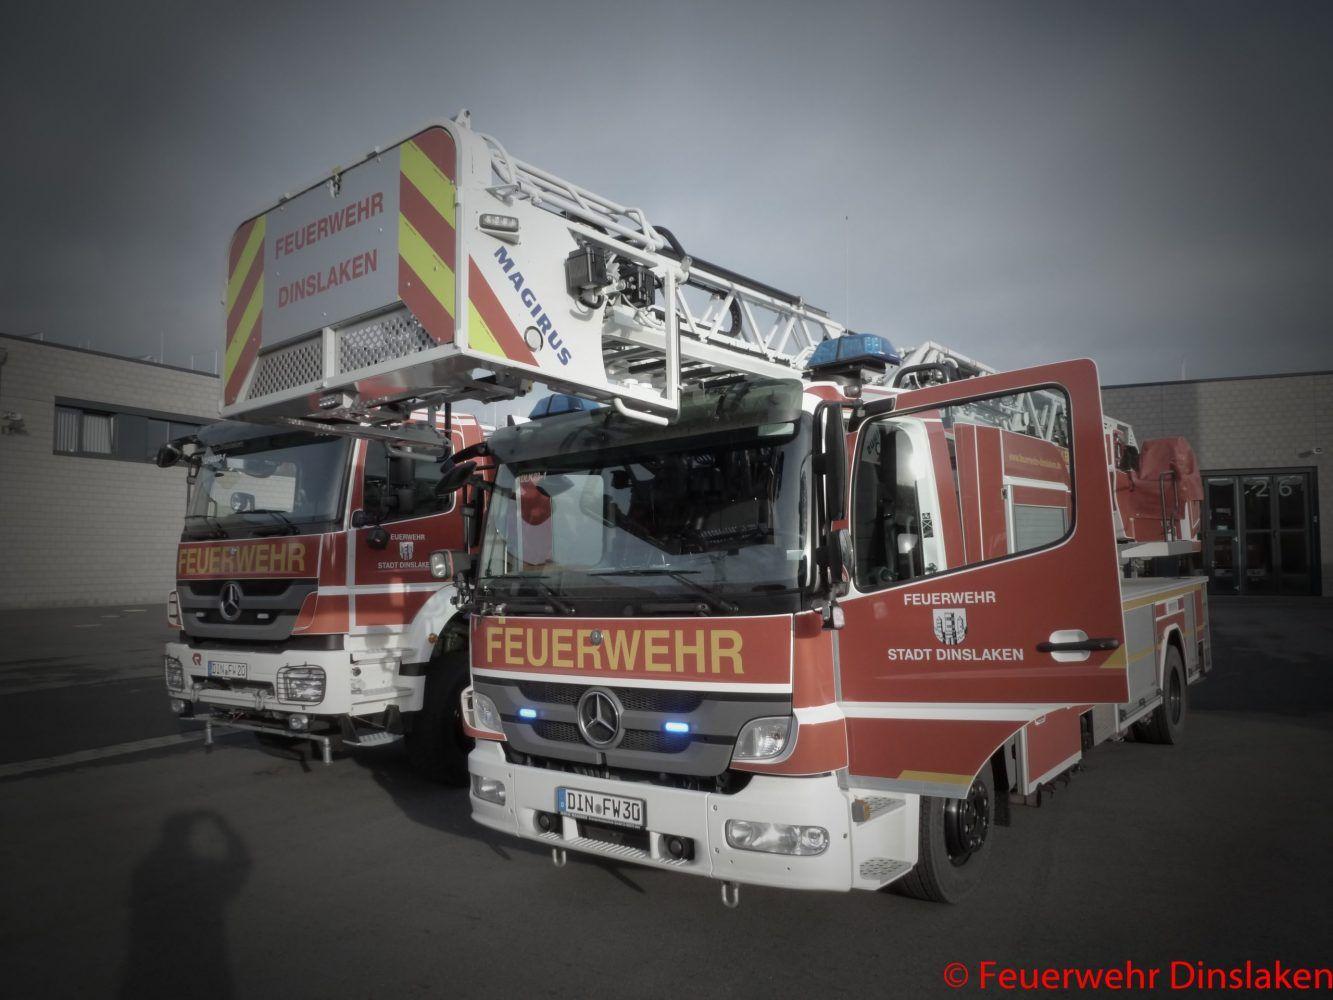 Sturmtief Wirbelte Bruch Und Eppinghoven Auf Feuerwehr